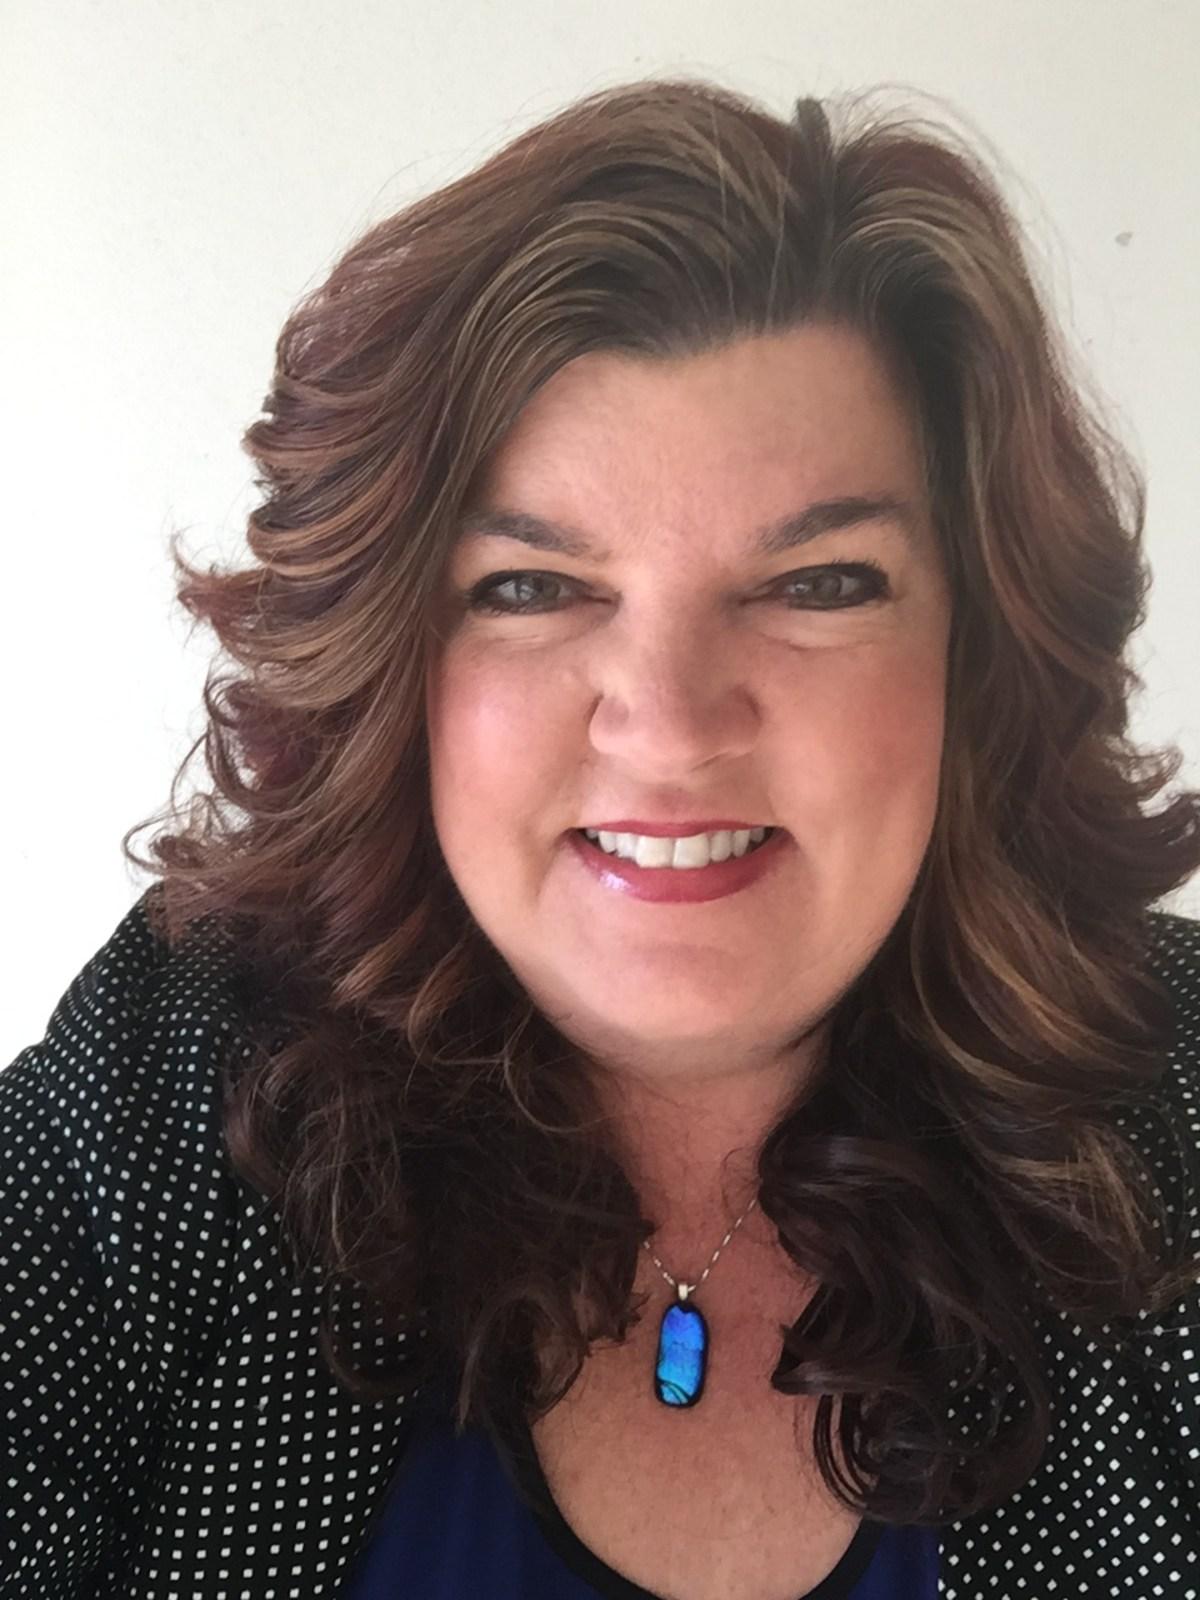 Principal, Dr. Kristi Watson